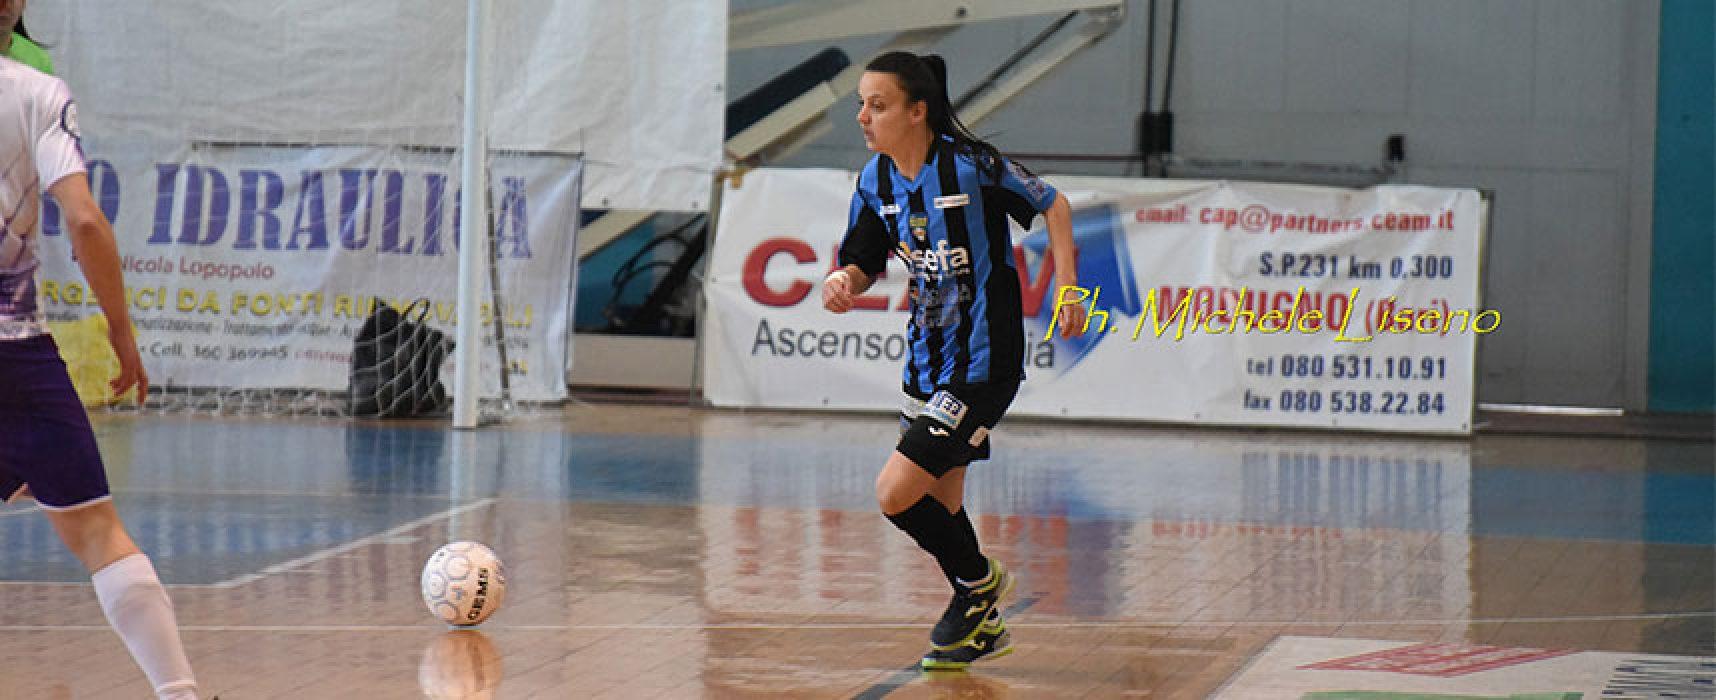 Bisceglie Femminile attende nella propria tana la Lazio